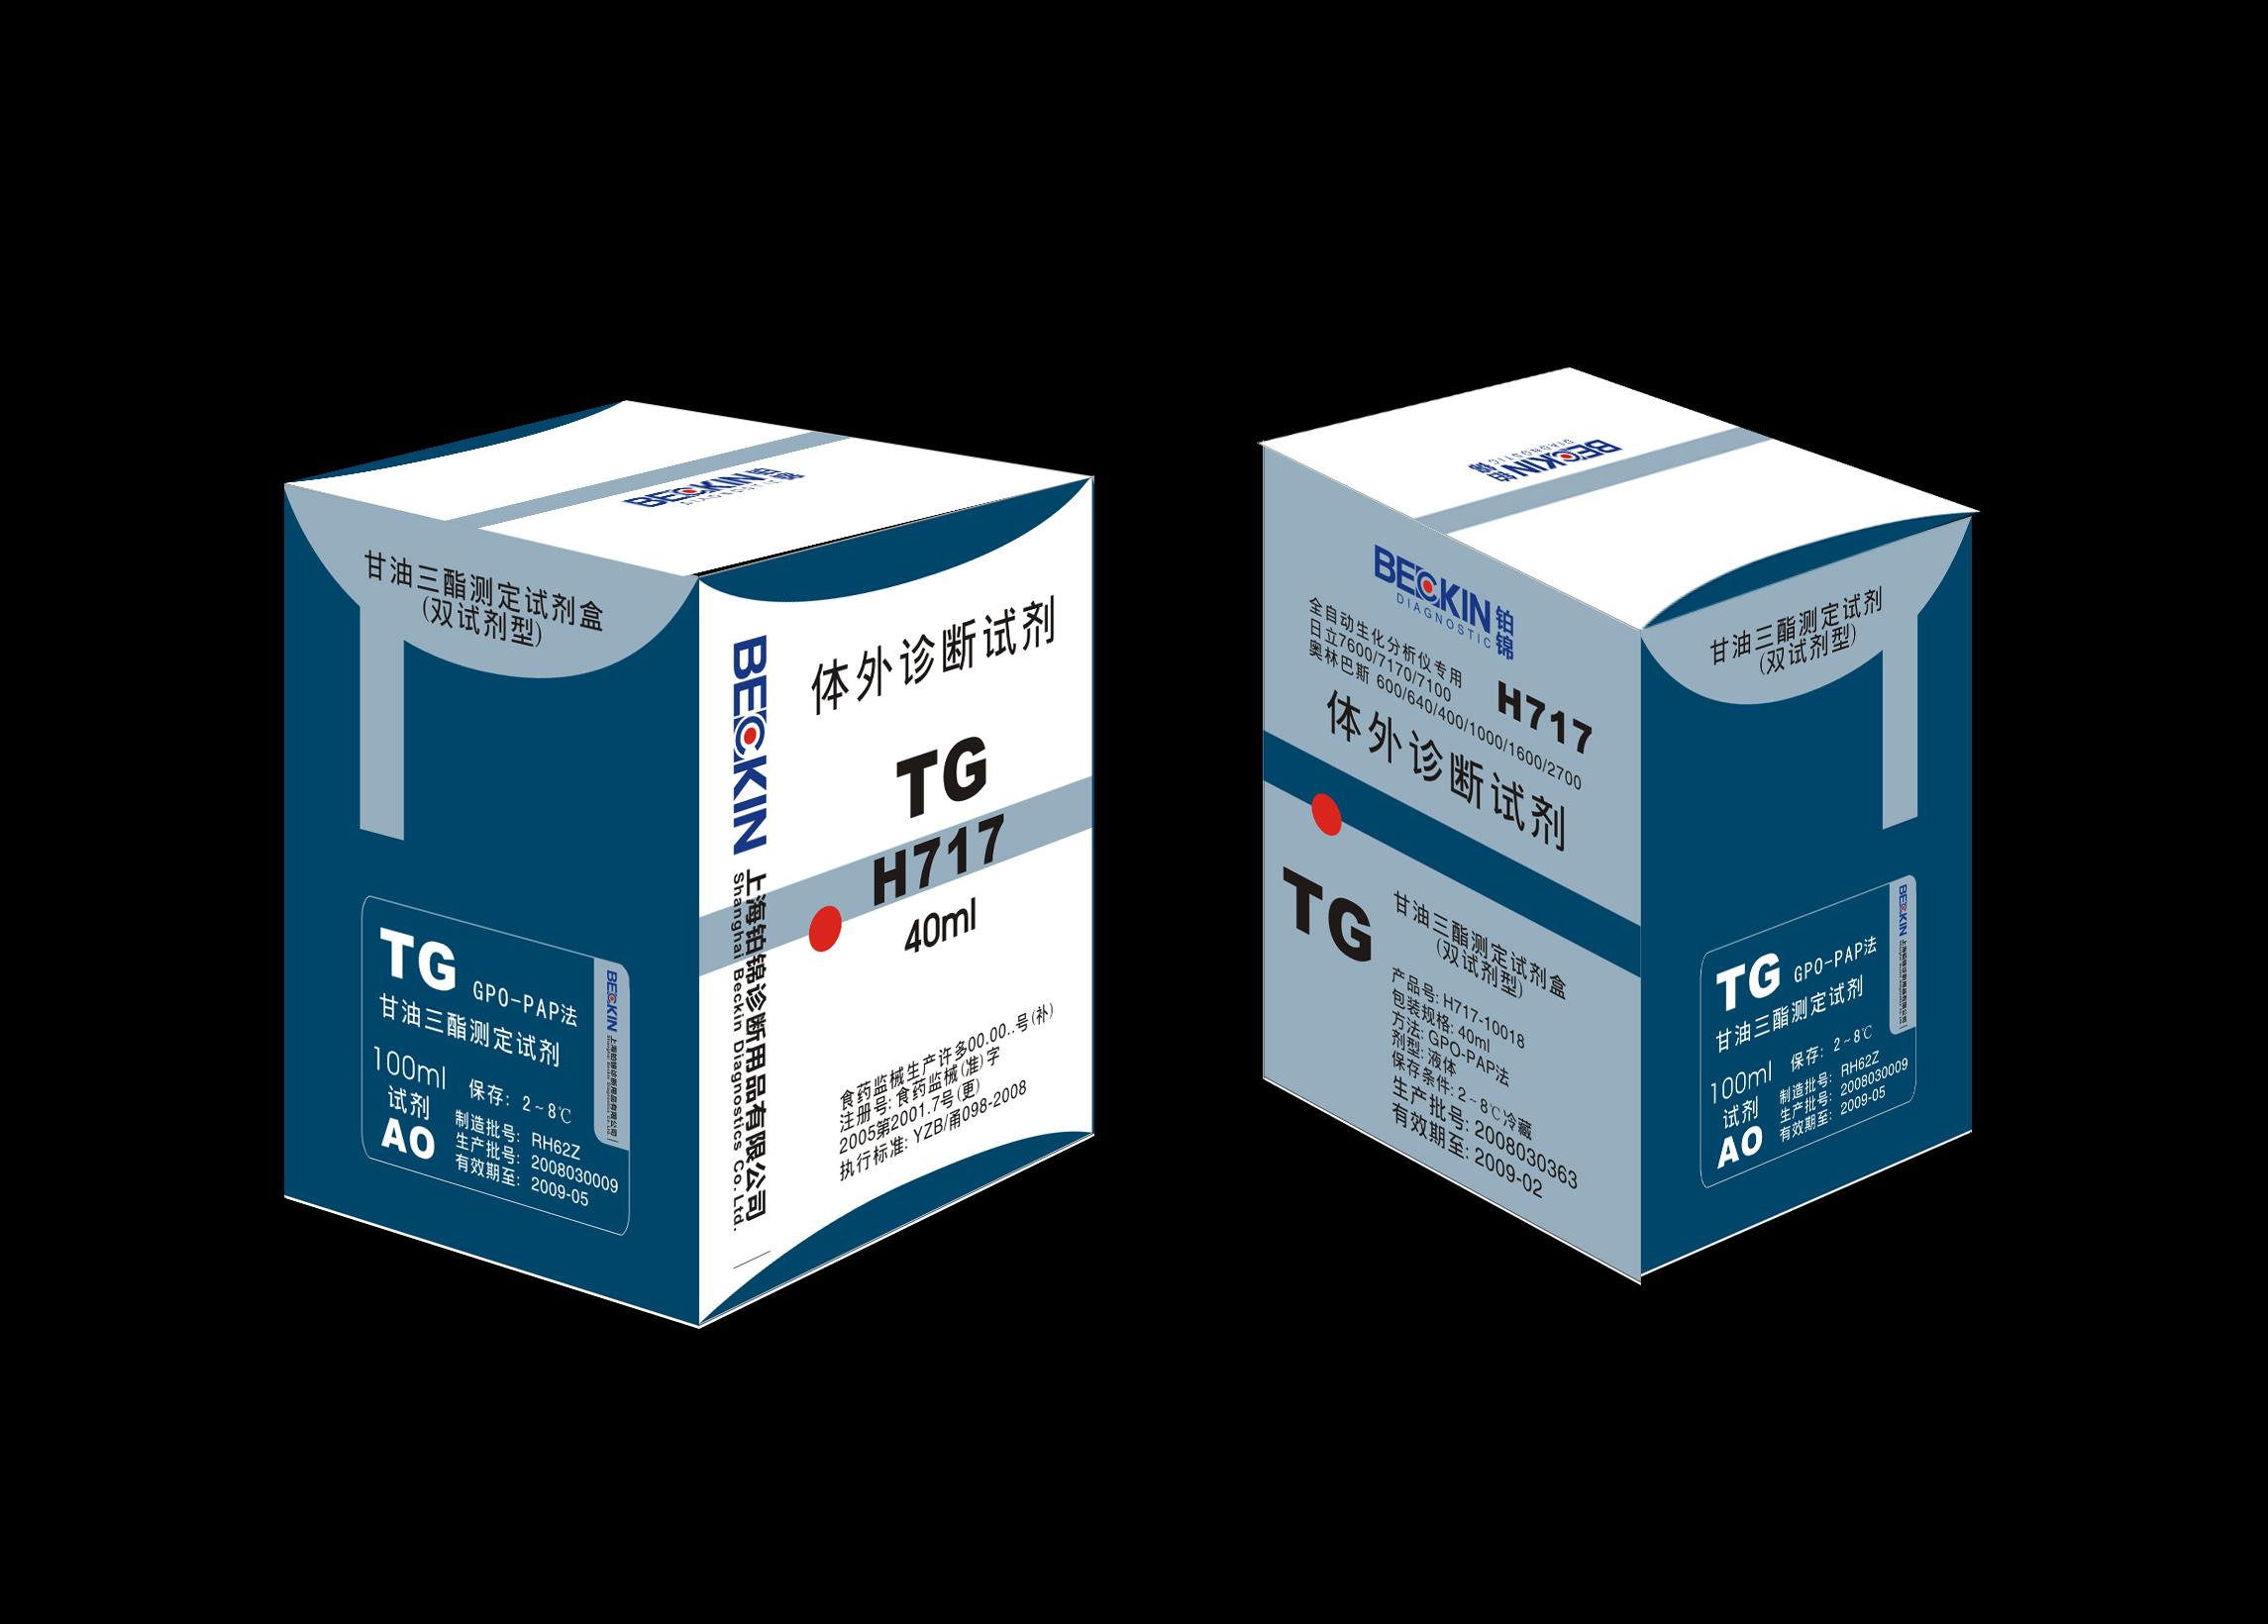 医药产品包装盒的设计(有附件)